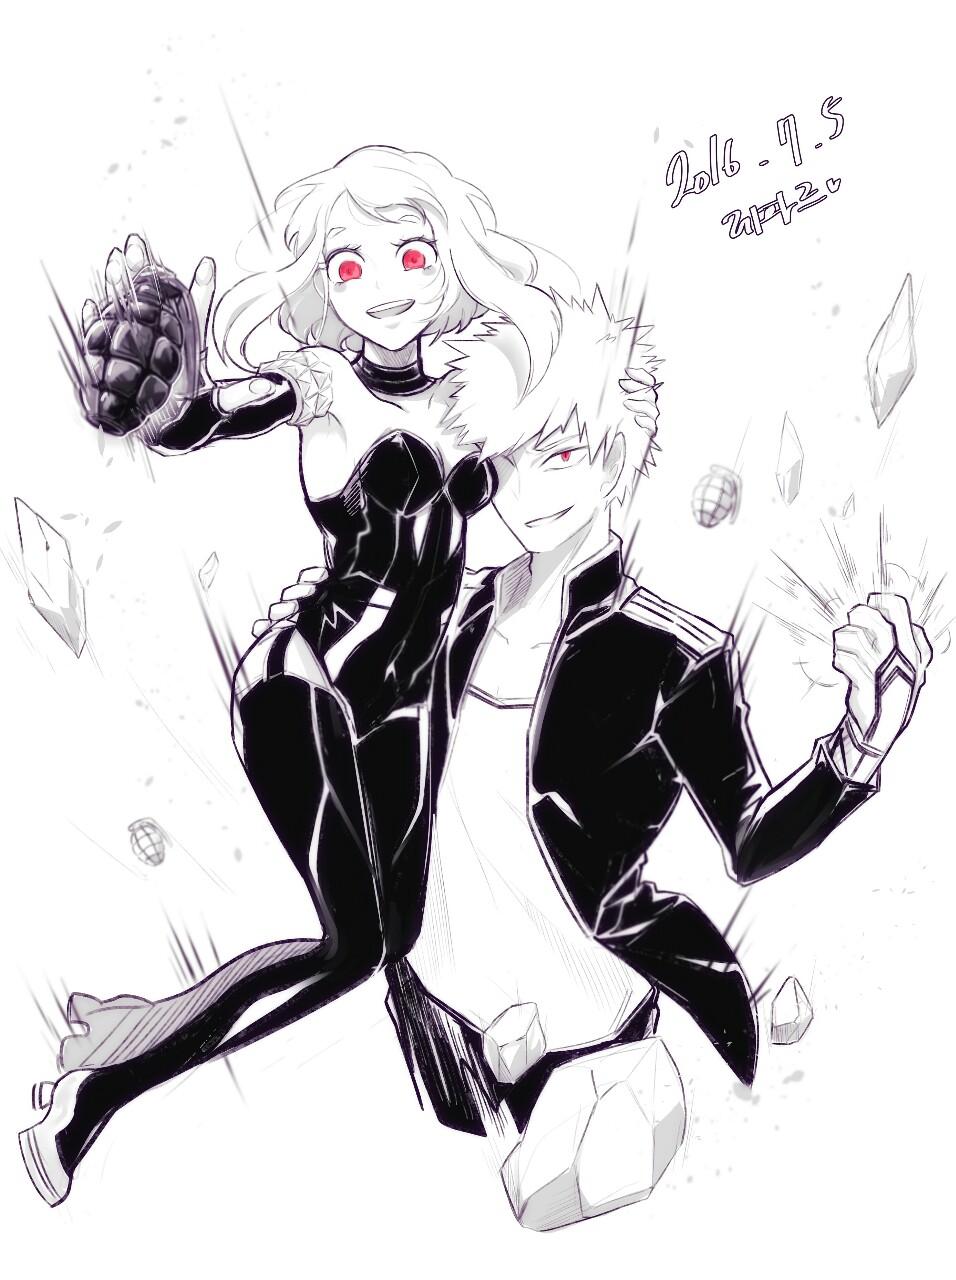 Katsuki Bakugo And Ochako Uraraka As Villains Hero Boku No Hero Academia Anime People